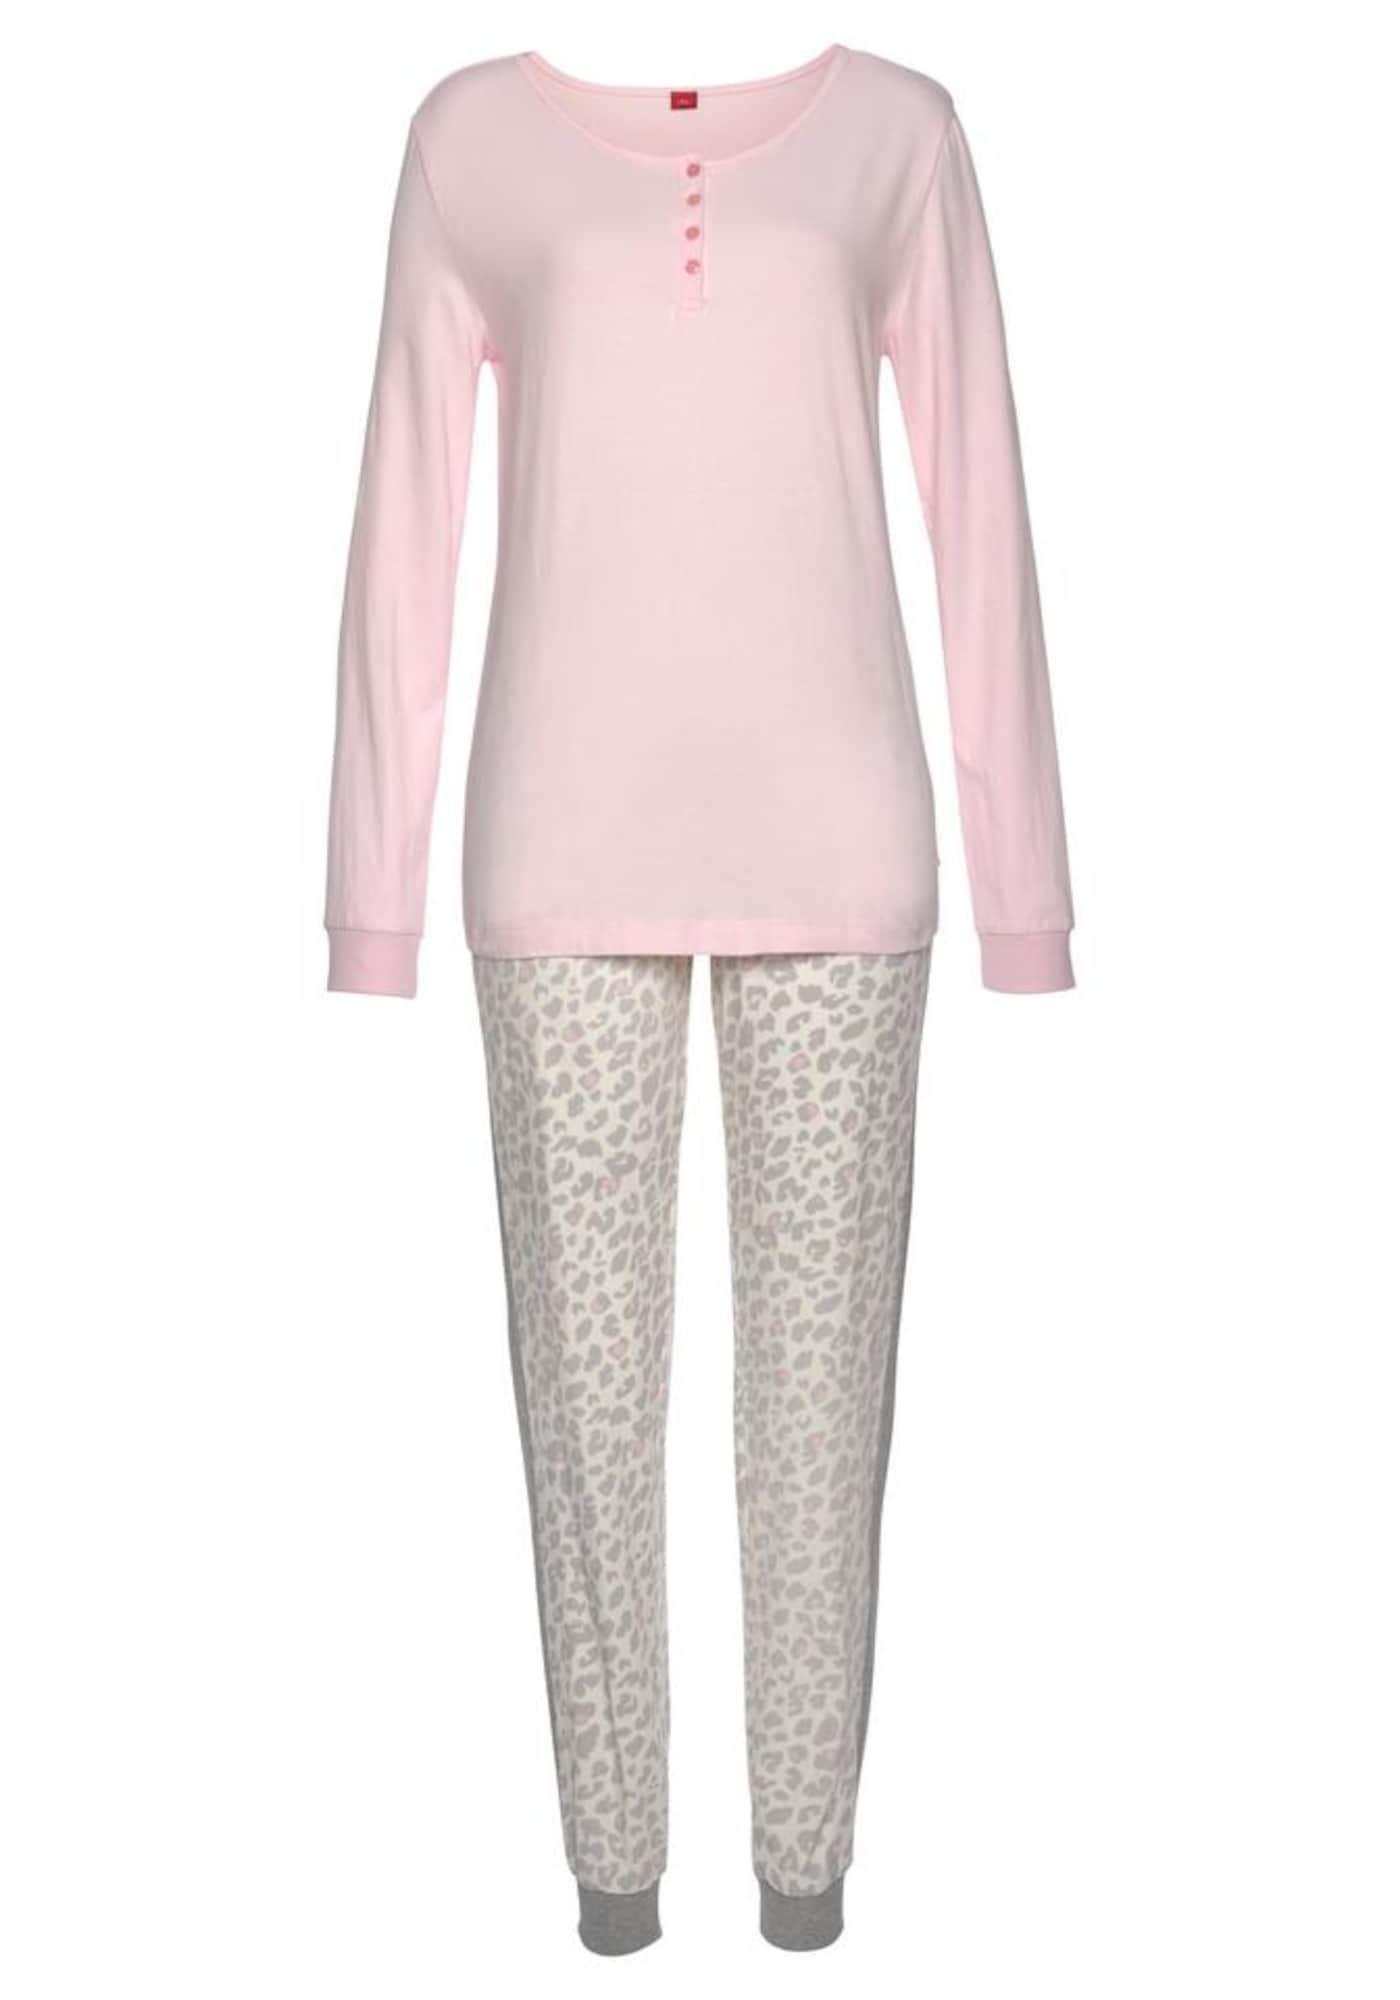 s.Oliver Pižama ryškiai rožinė spalva